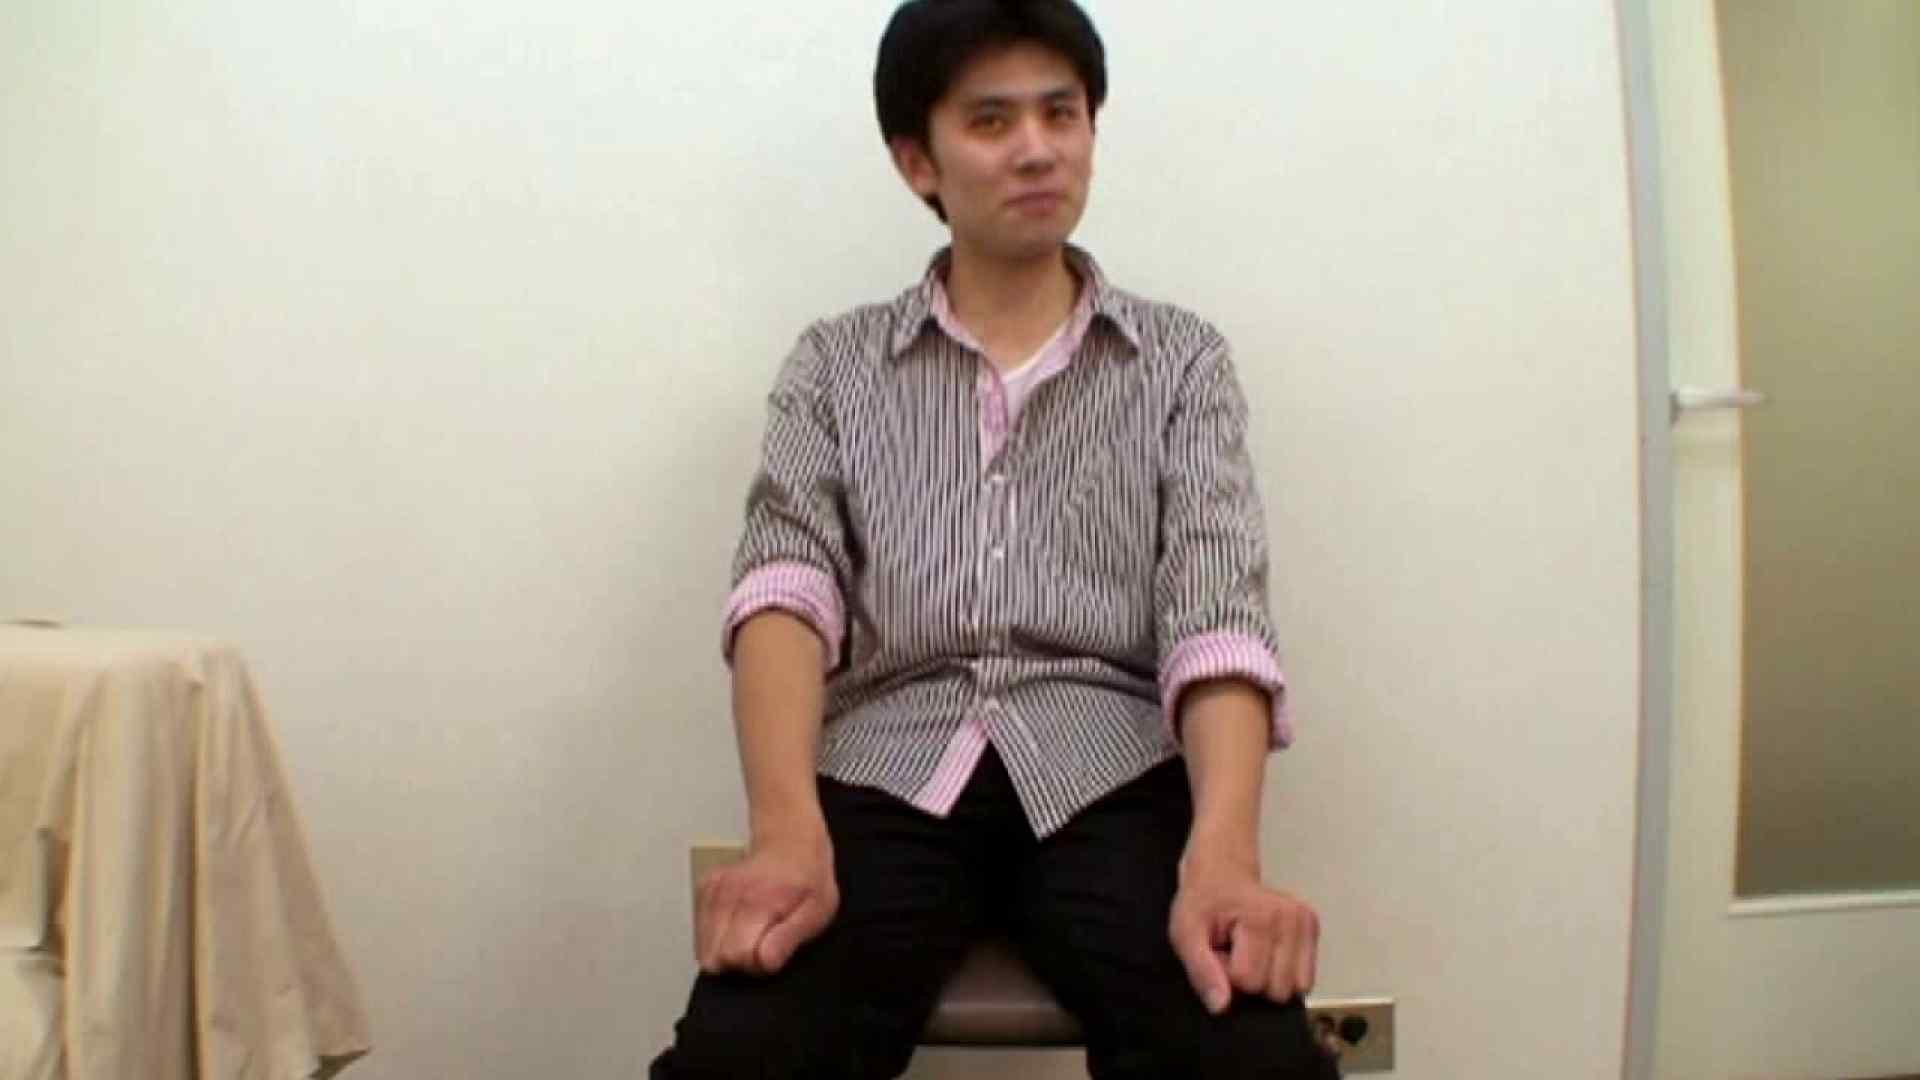 ノンケ!自慰スタジオ No.32 お手で! ゲイエロ画像 92pic 2